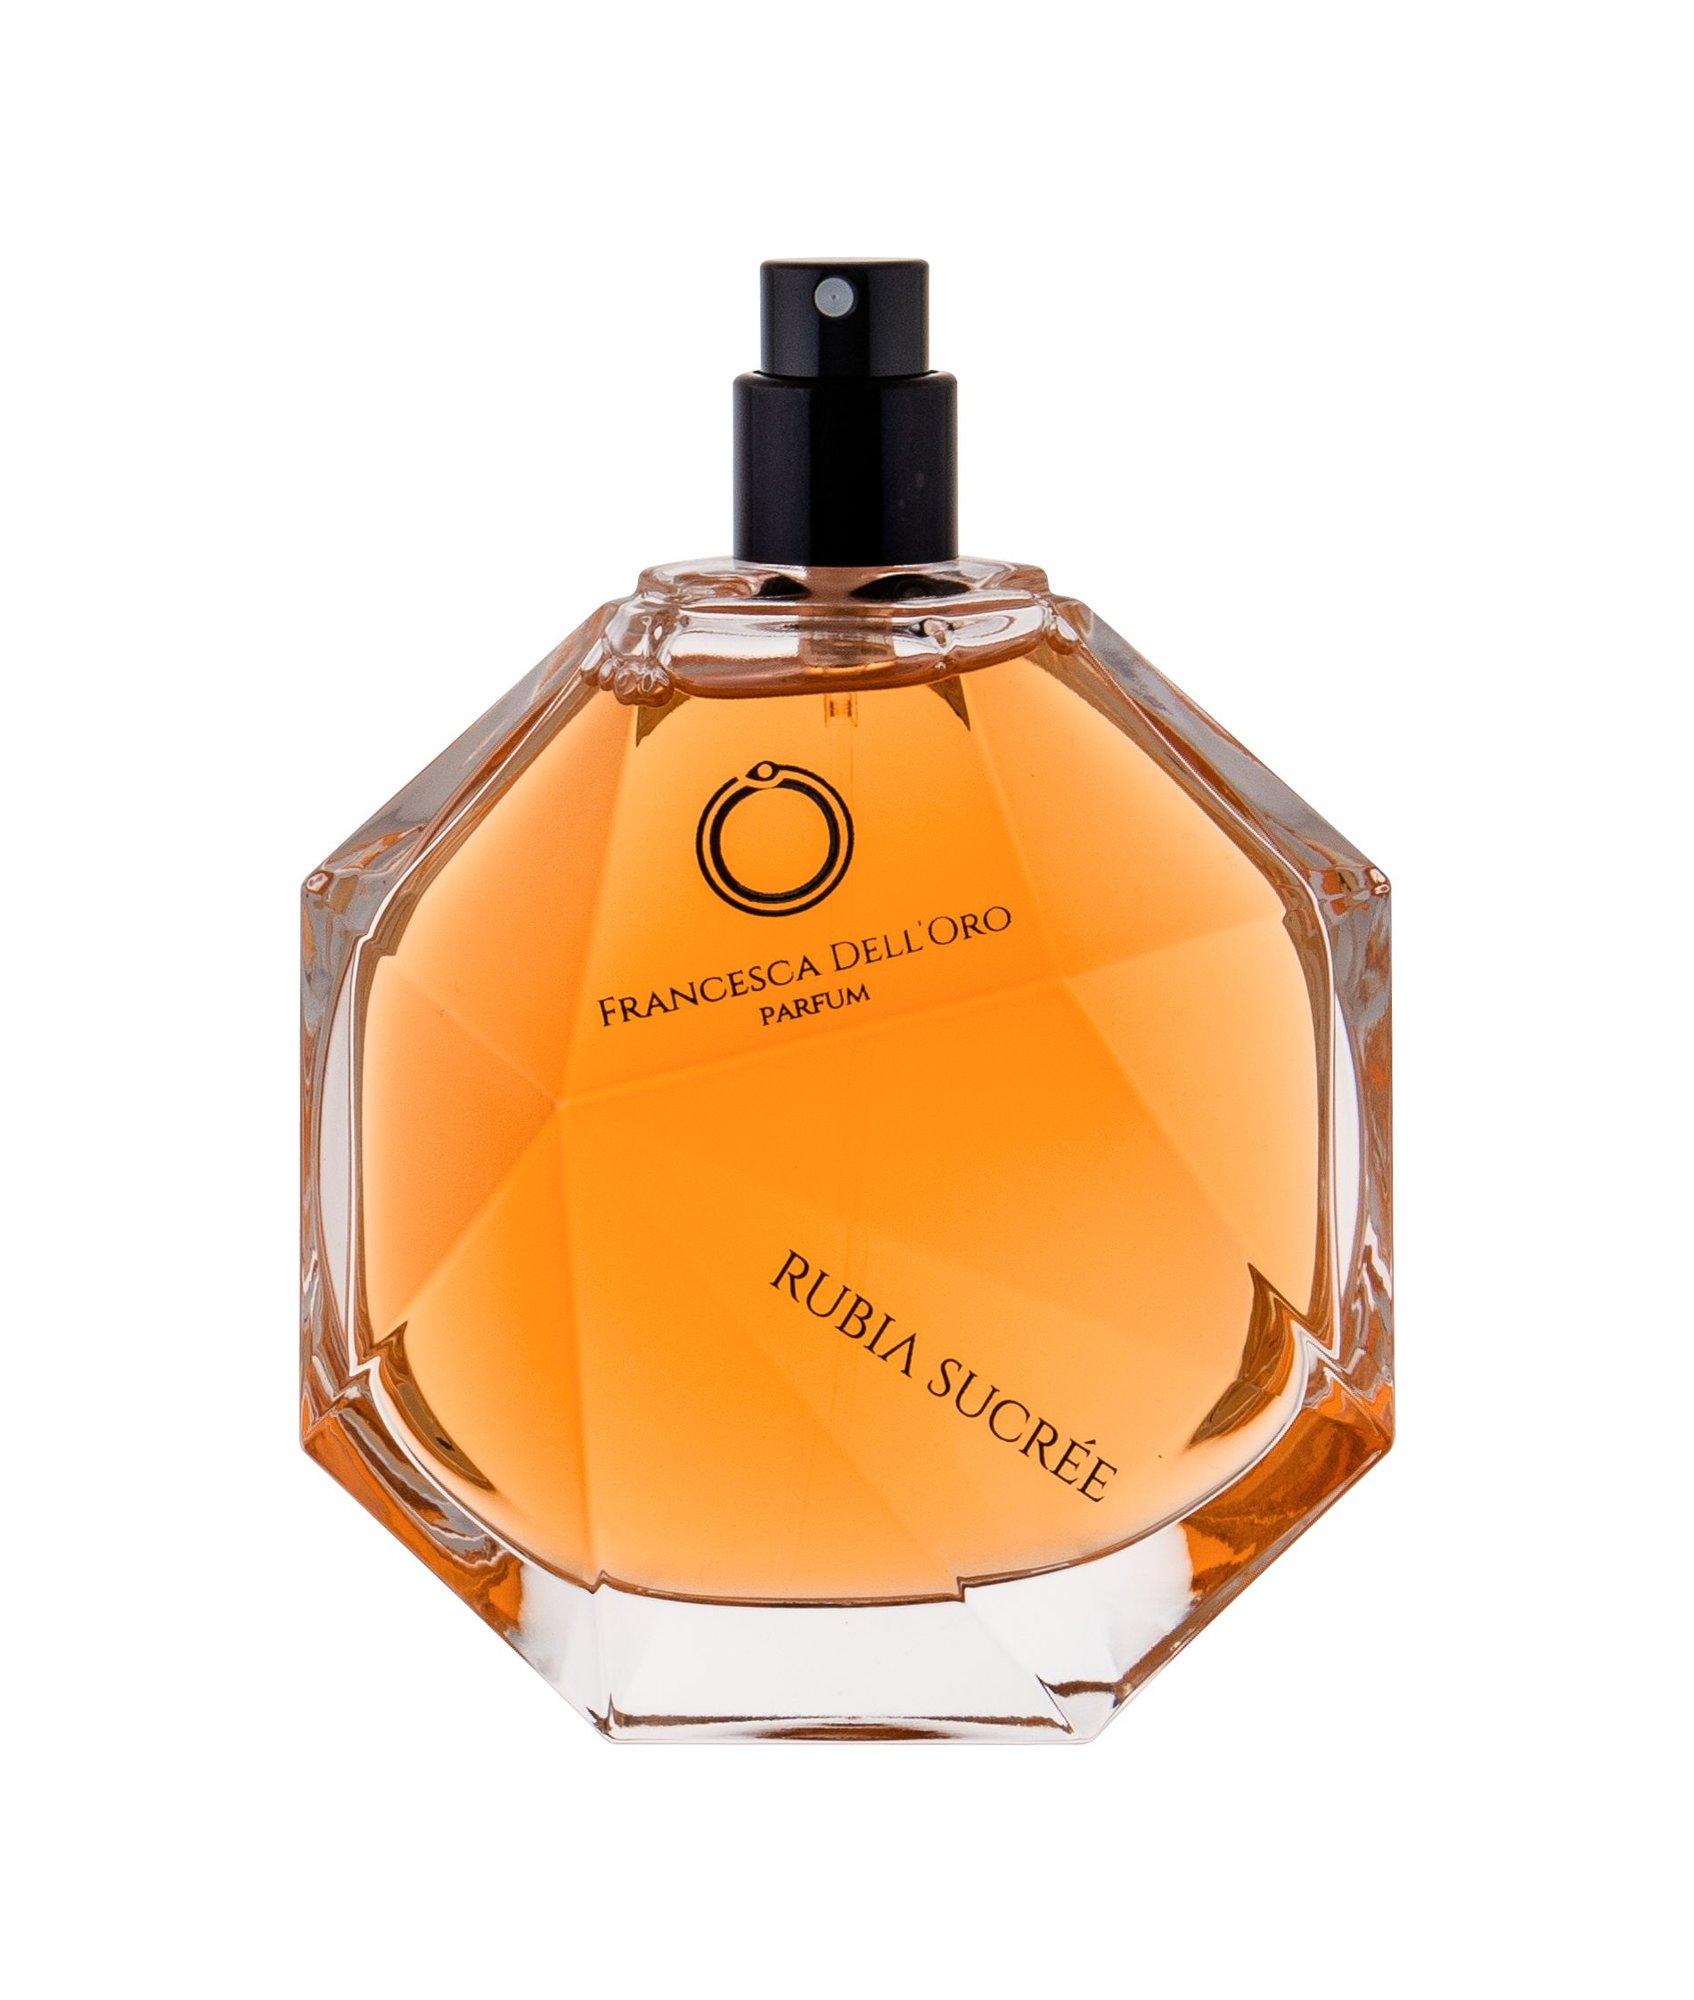 Francesca dell´Oro Rubia Sucrée Eau de Parfum 100ml